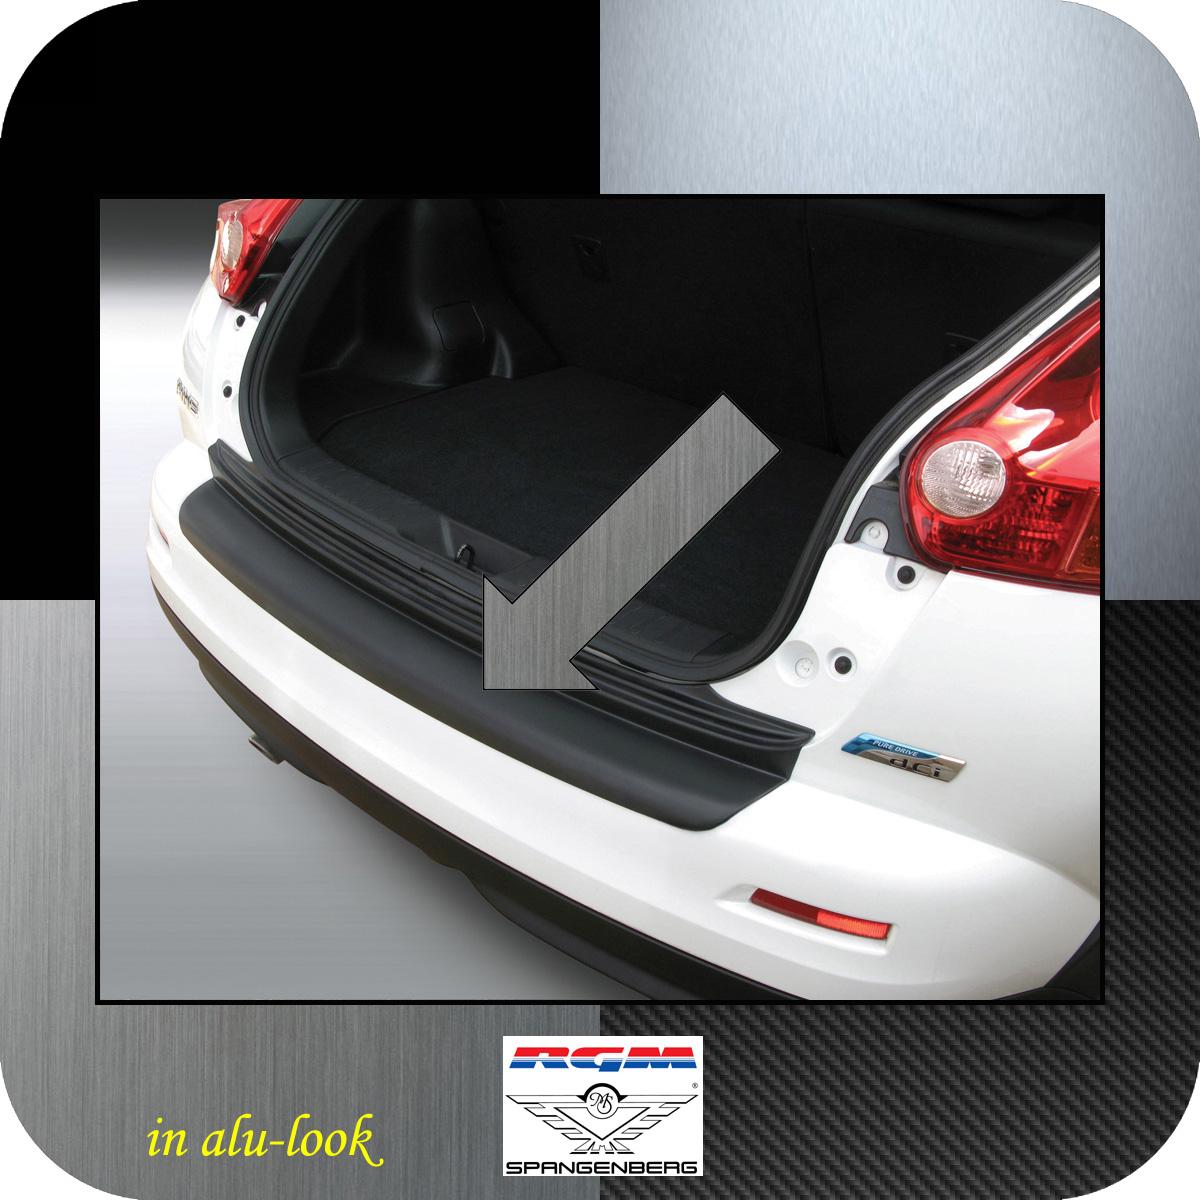 Ladekantenschutz Alu-Look Nissan Juke SUV Kombi vor facelift 2010-14 3504581